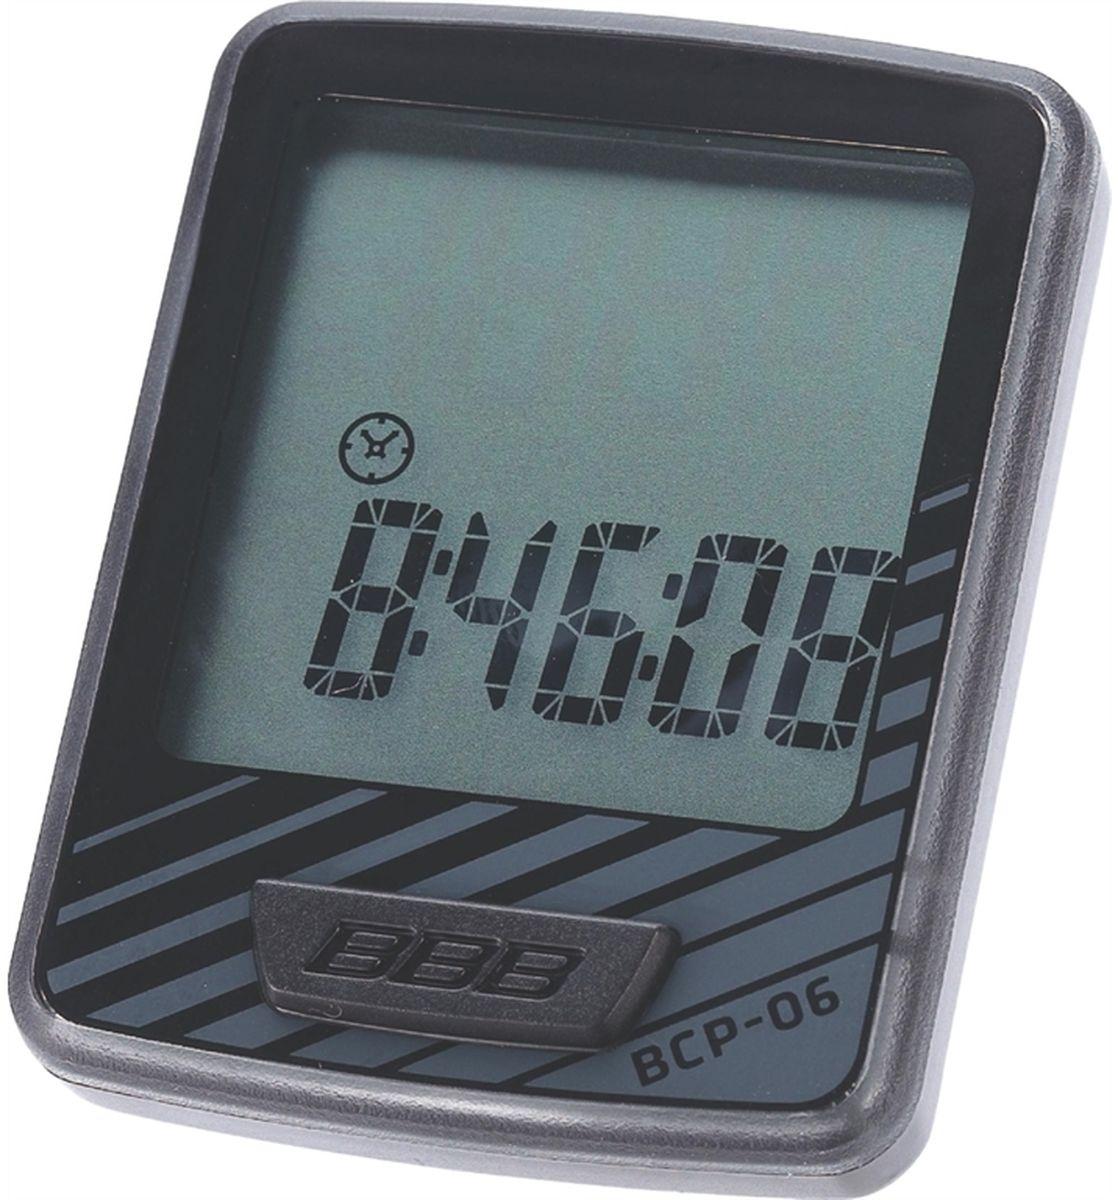 Велокомпьютер BBB DashBoard , цвет: черный, серый, 10 функцийГризлиВелокомпьютер BBB DashBoard стал, в своем роде, образцом для подражания. Появившись как простой и небольшой велокомпьютер с большим и легкочитаемым экраном, он эволюционировал в любимый прибор велосипедистов, которым нужна простая в использовании вещь без тысячи лишних функций. Общий размер велокомпьютера имеет небольшой размер за счет верхней части корпуса. Размер экрана 32 х 32 мм, позволяющие легко считывать информацию. Управление одной кнопкой.Функции:Текущая скоростьРасстояние поездкиОдометрЧасыАвтоматический переход функцийСредняя скоростьМаксимальная скоростьВремя поездкиАвто старт/стопИндикатор низкого заряда батареи.Особенности:Легко читаемый полноразмерный дисплей.Удобное управление с помощью одной кнопки.Компьютер может быть установлен на руле и выносе.Водонепроницаемый корпус.Батарейка в комплекте.